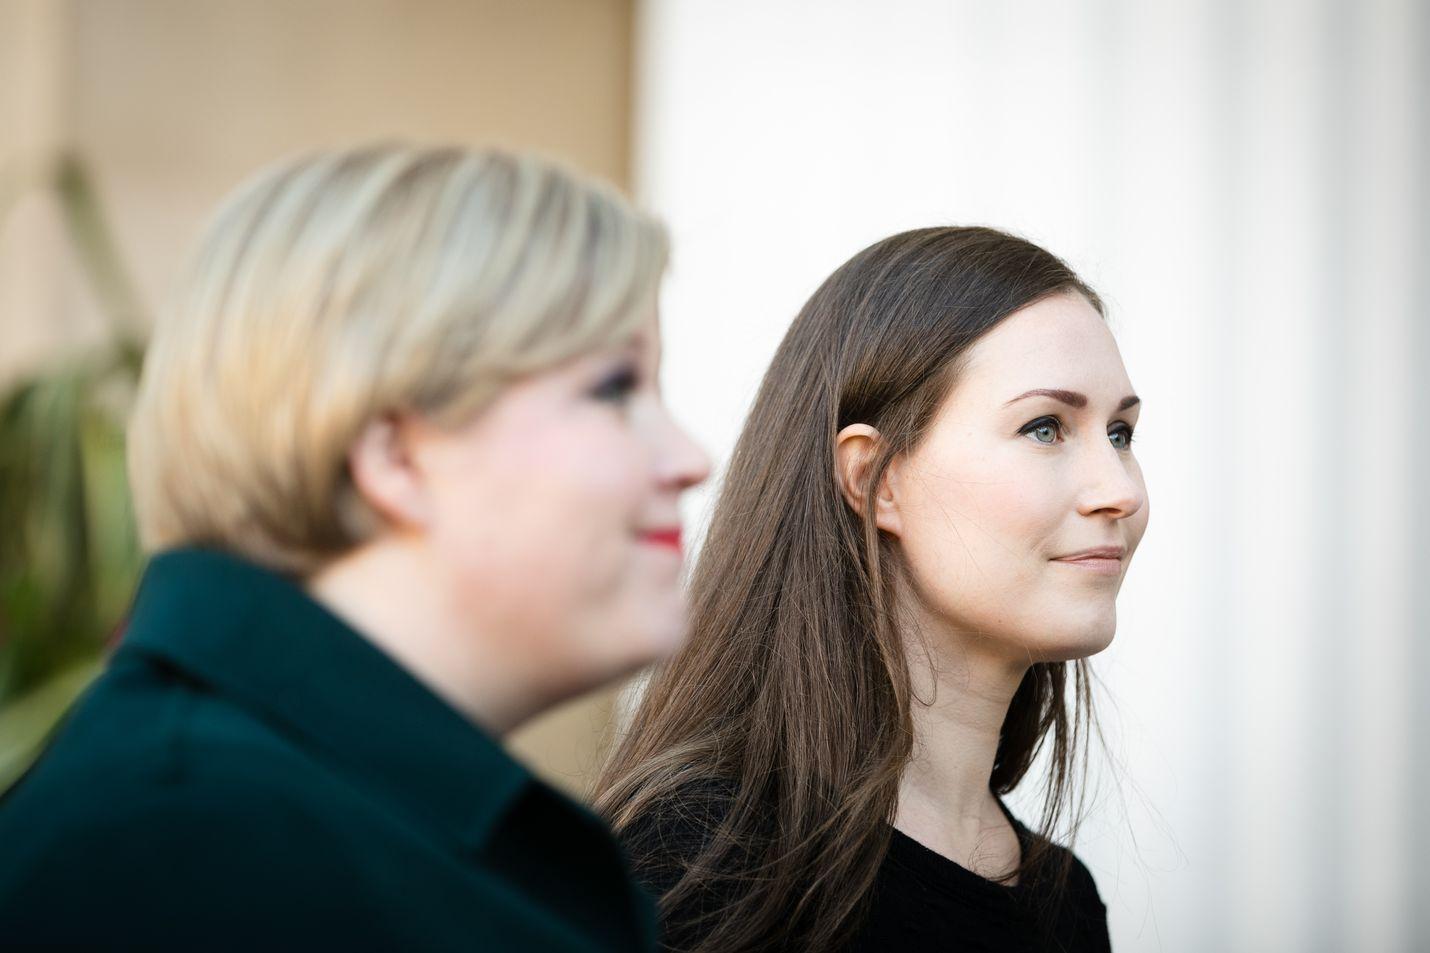 Budjettiriihi jatkuu tiistaina puheenjohtajien kesken. Keskustan puheenjohtaja Annika Saarikko ja sdp:n puheenjohtaja Sanna Marin saapuivat maanantaina Säätytalolle.